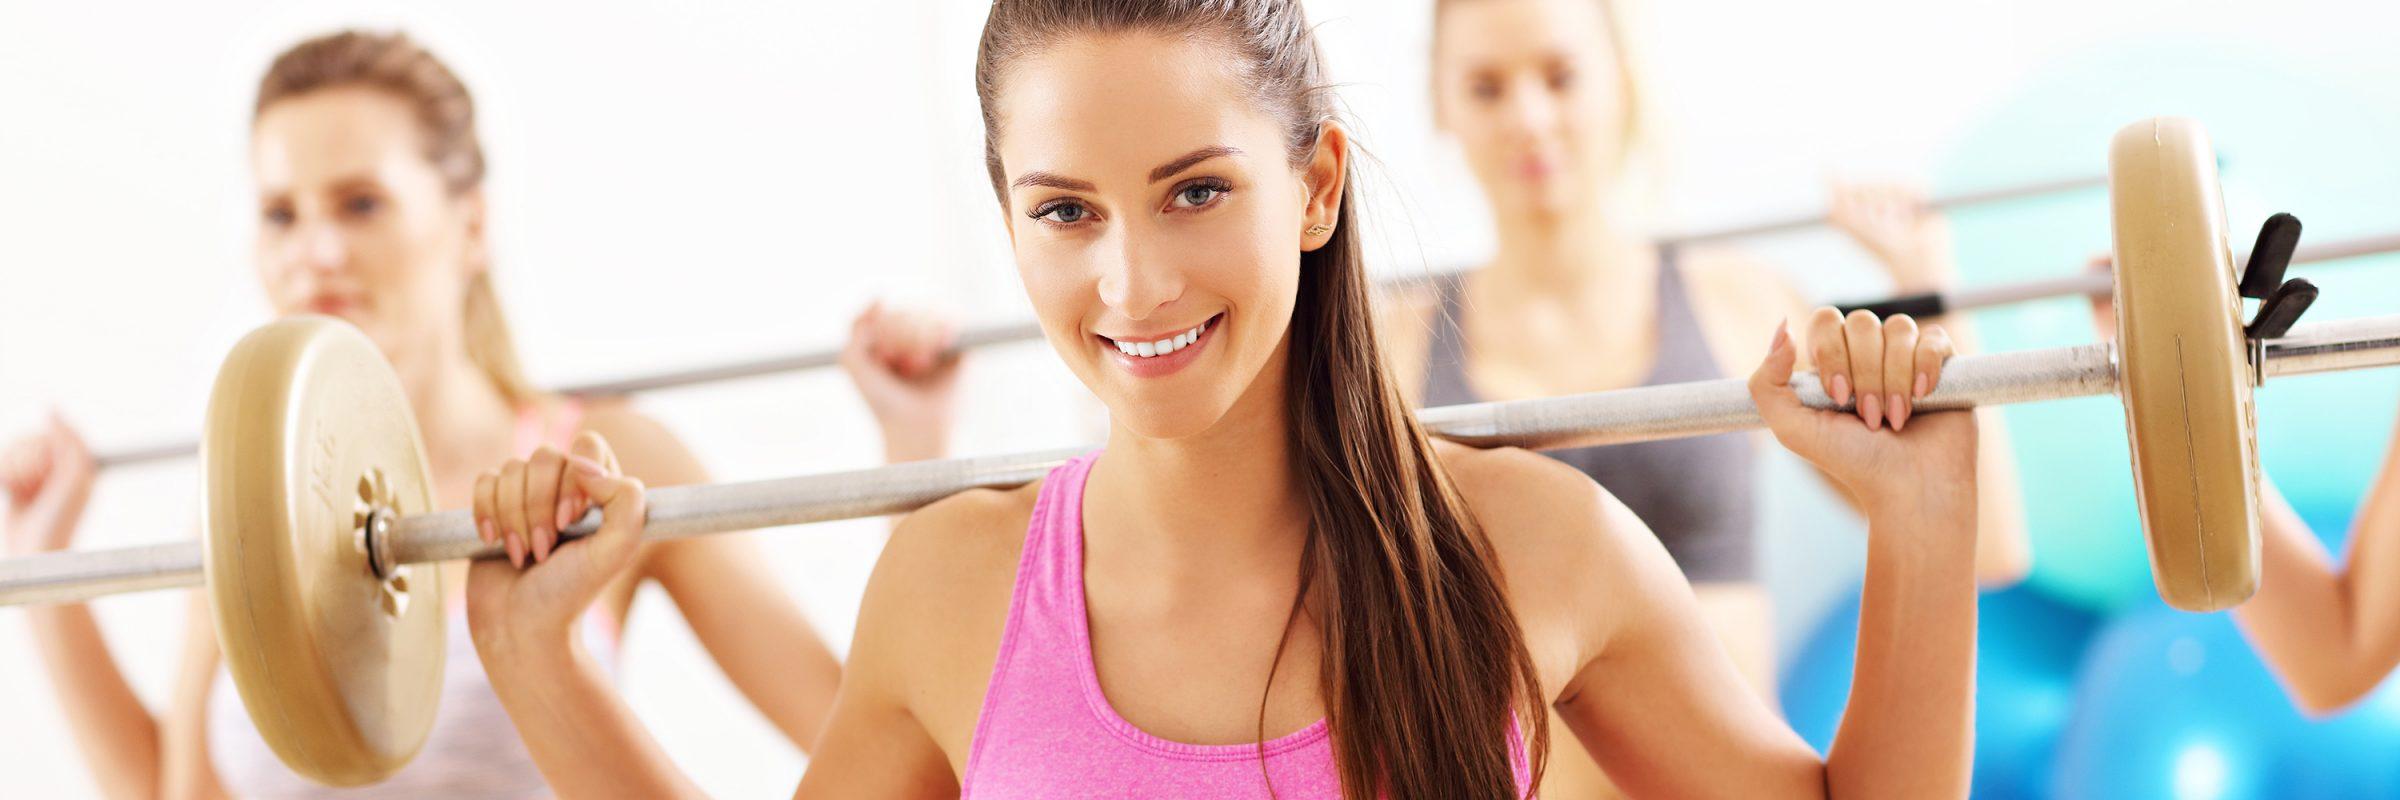 Frau macht Workout mit Gewicht